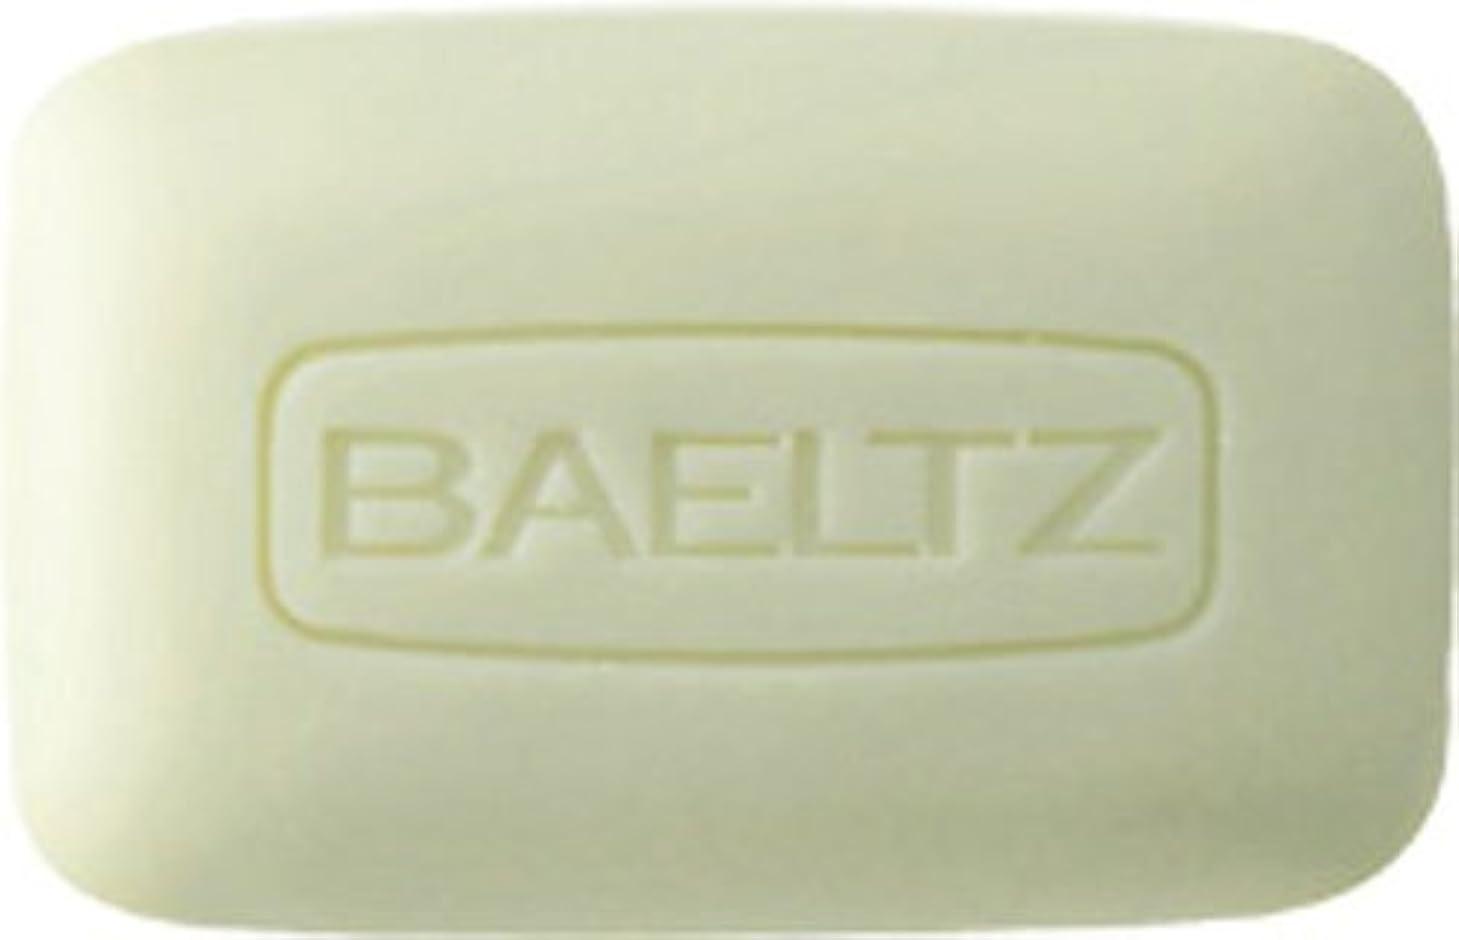 レタッチアンソロジー膿瘍ドクターベルツ(Dr.BAELTZ) モイスチュアソープ DN 80g(洗顔石けん)